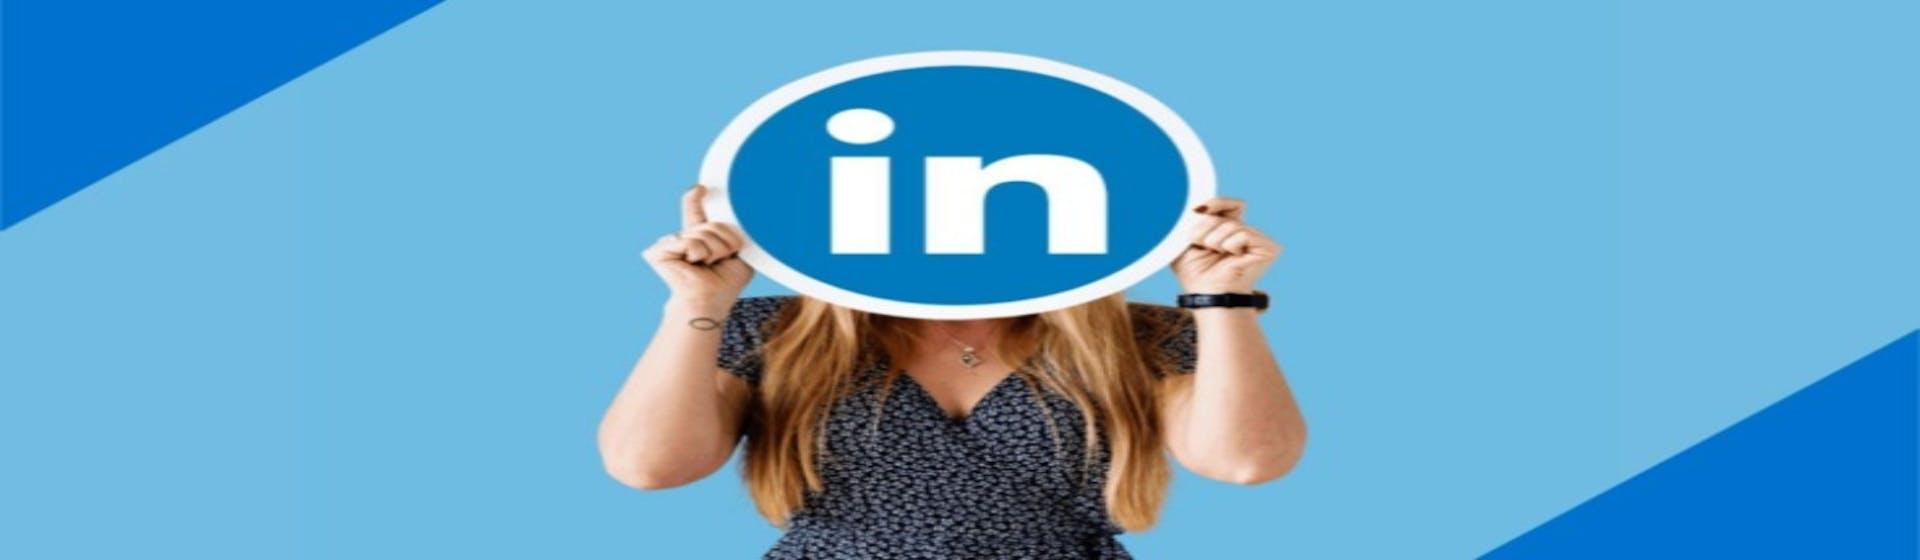 Cómo publicar una vacante en LinkedIn, guía paso a paso